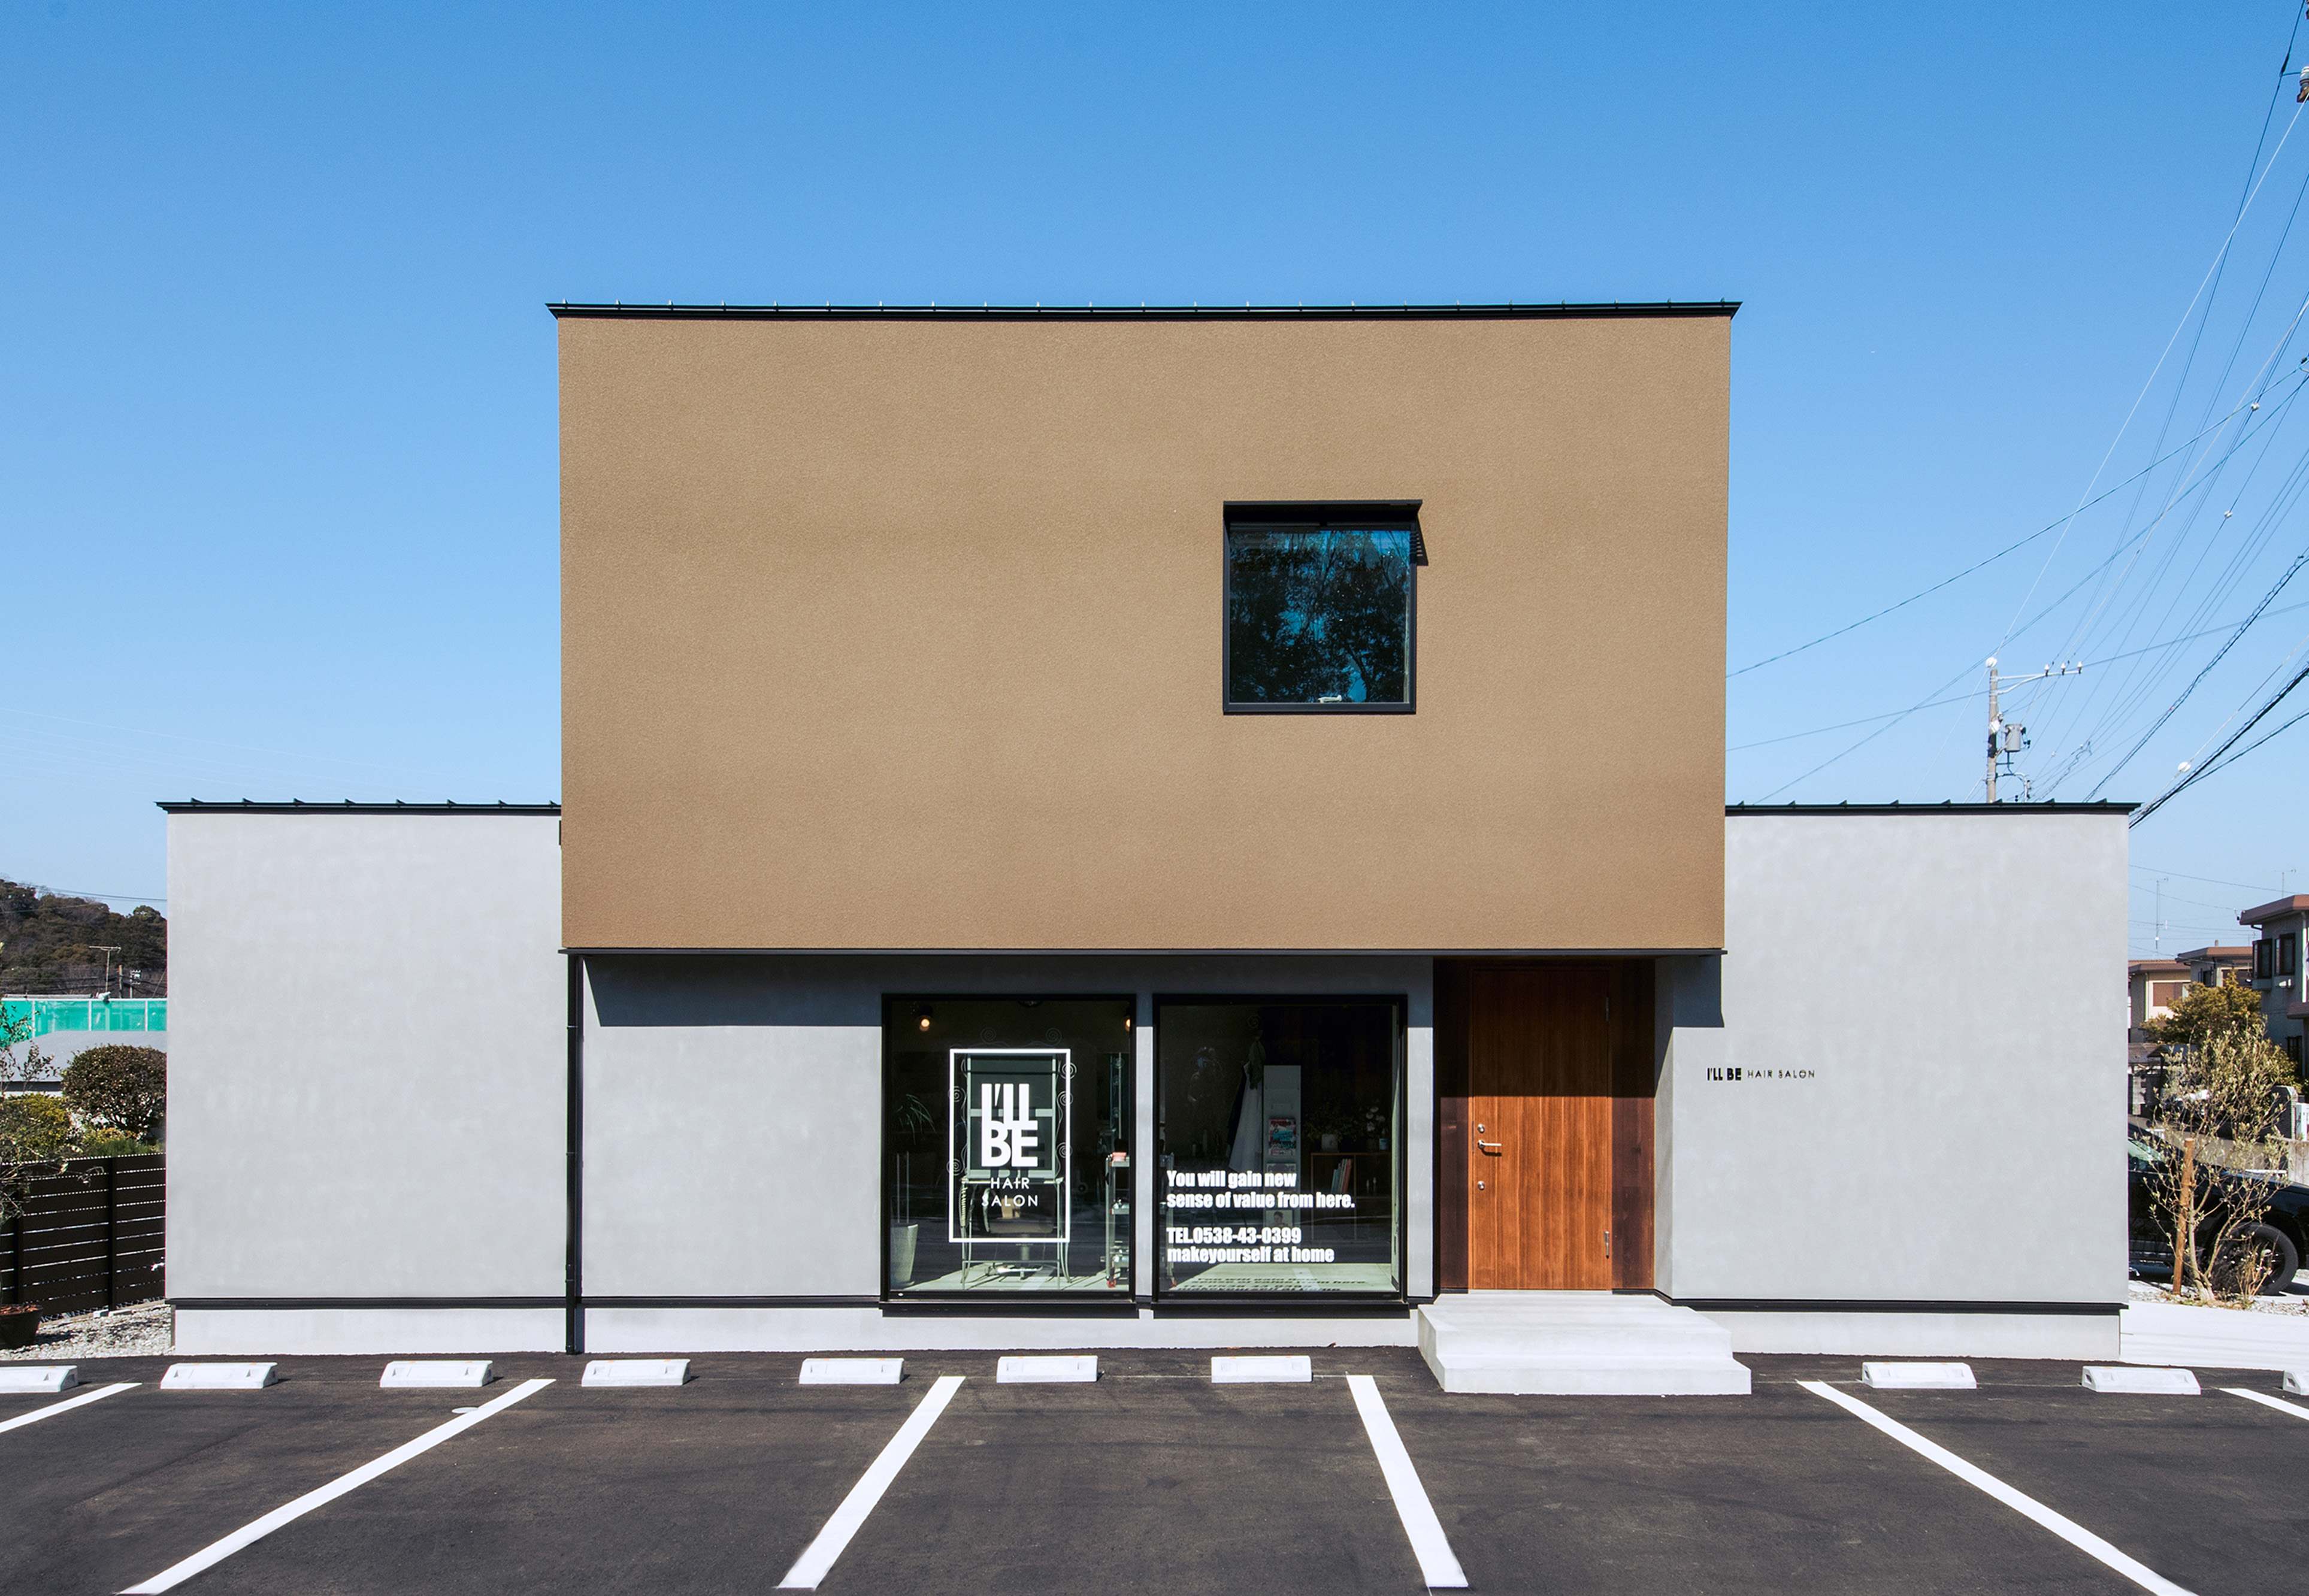 S.CONNECT(エスコネクト)【デザイン住宅、趣味、建築家】ご主人が特にこだわった外観。三角の屋根ではなくフラットな箱型にしたかったのと、幅広い世代のお客さんが来店できるように落ち着いた雰囲気に